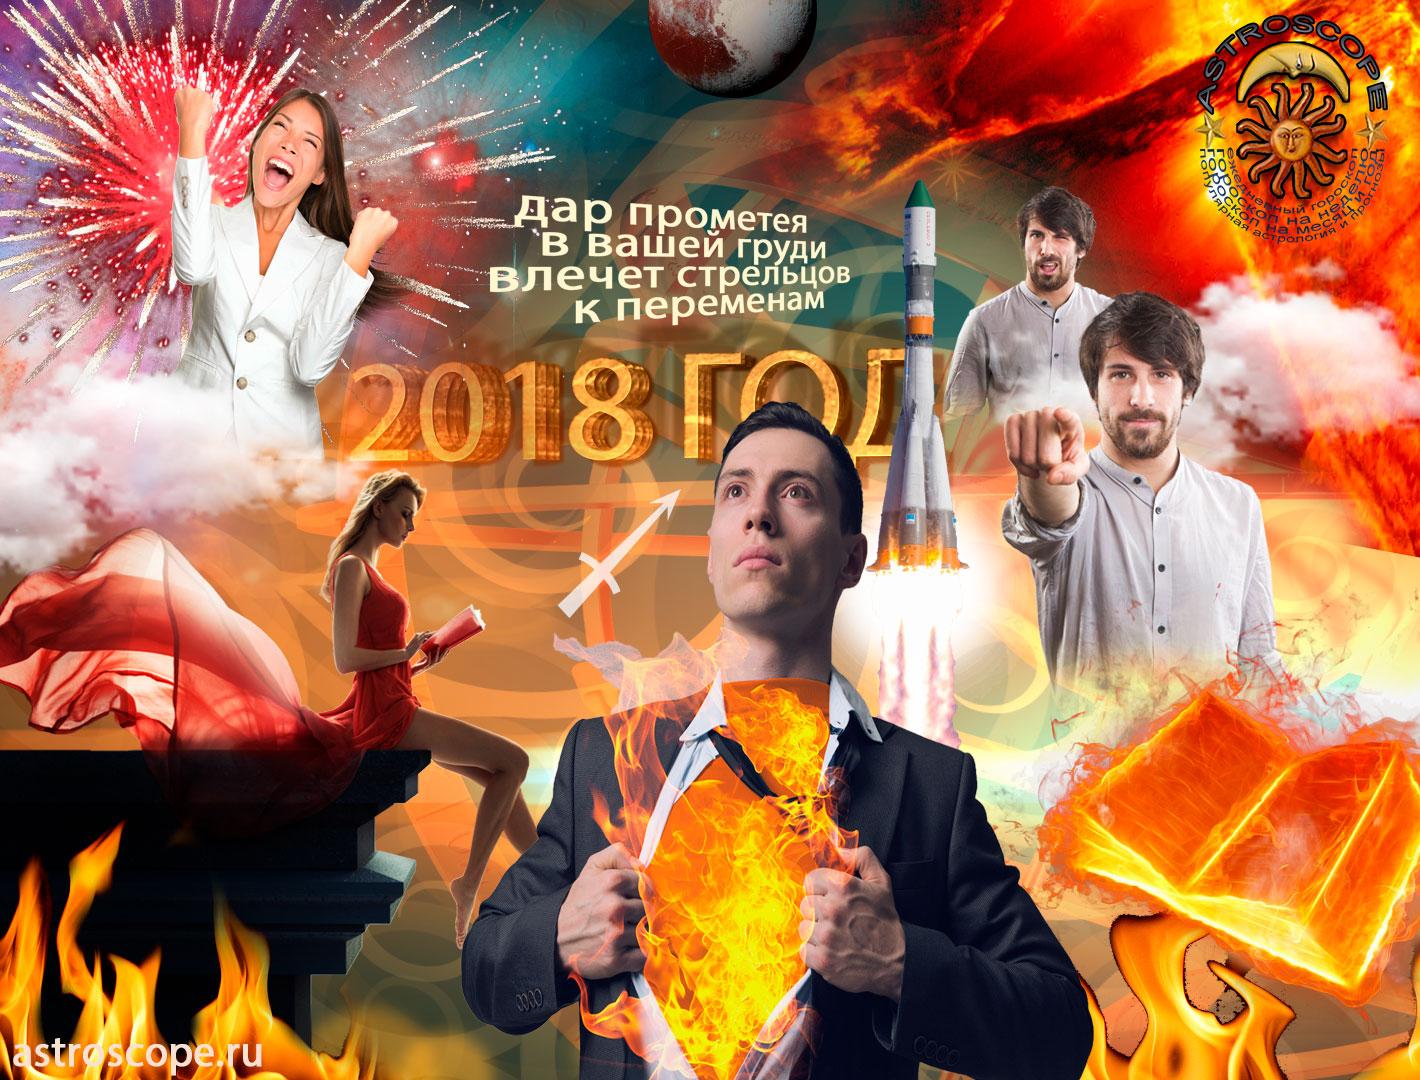 Гороскоп на 2018 год Стрелец, астрологический прогноз на 2018 год для Стрельцов